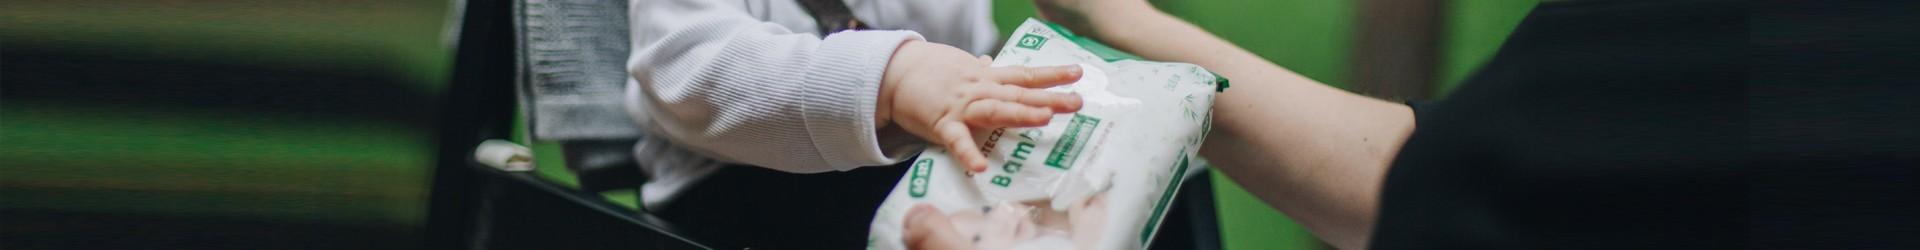 Chusteczki nawilżane z włóknem bambusowym dla dzieci | Bambiboo.eu